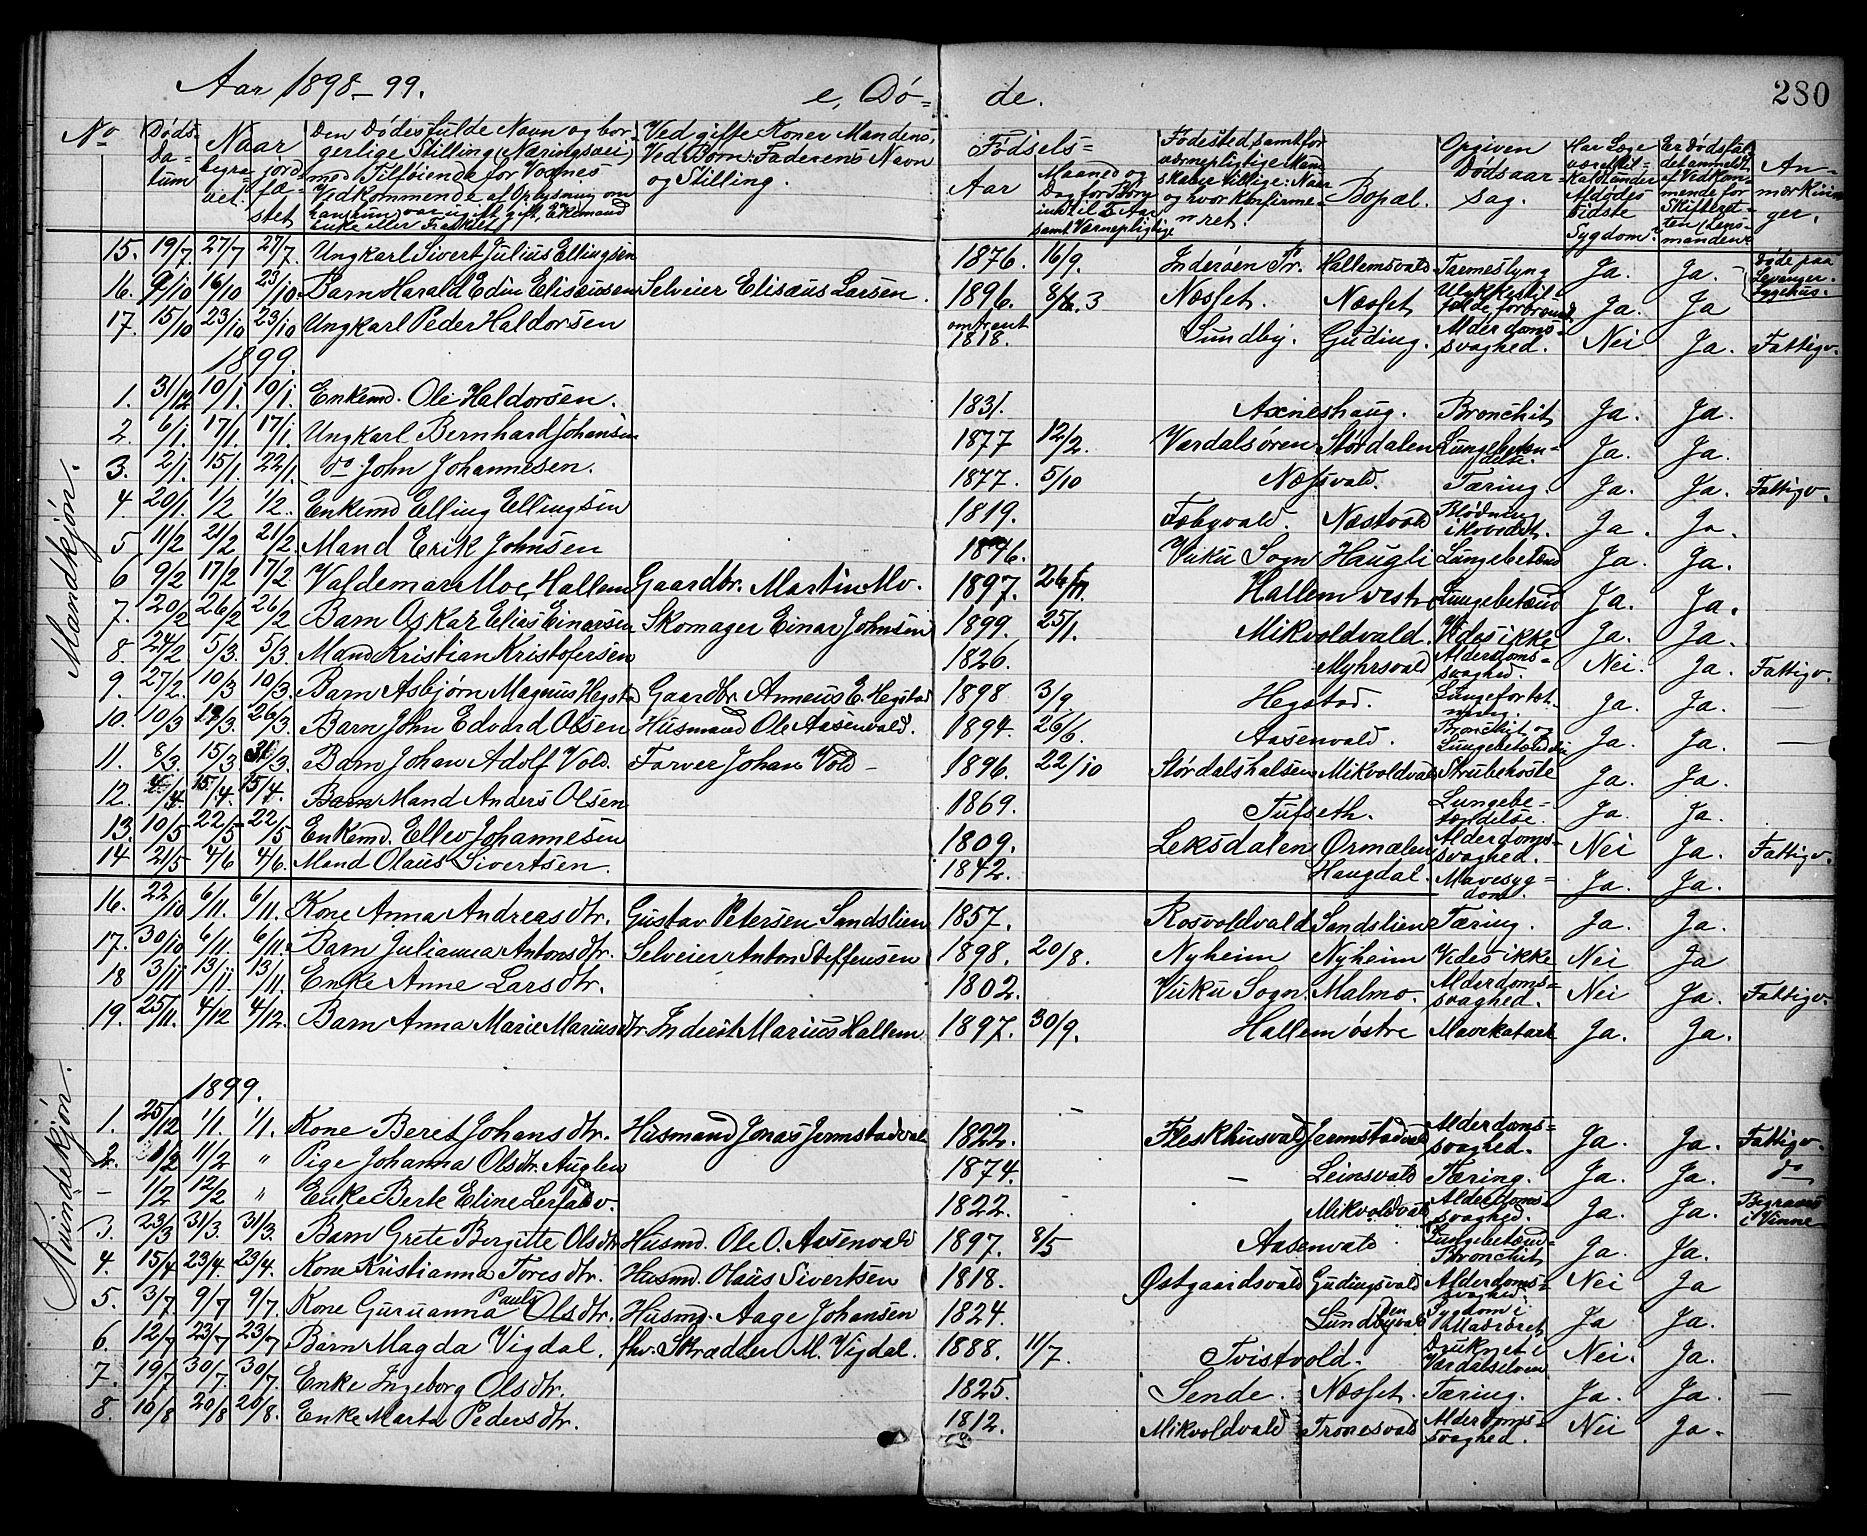 SAT, Ministerialprotokoller, klokkerbøker og fødselsregistre - Nord-Trøndelag, 723/L0257: Klokkerbok nr. 723C05, 1890-1907, s. 280